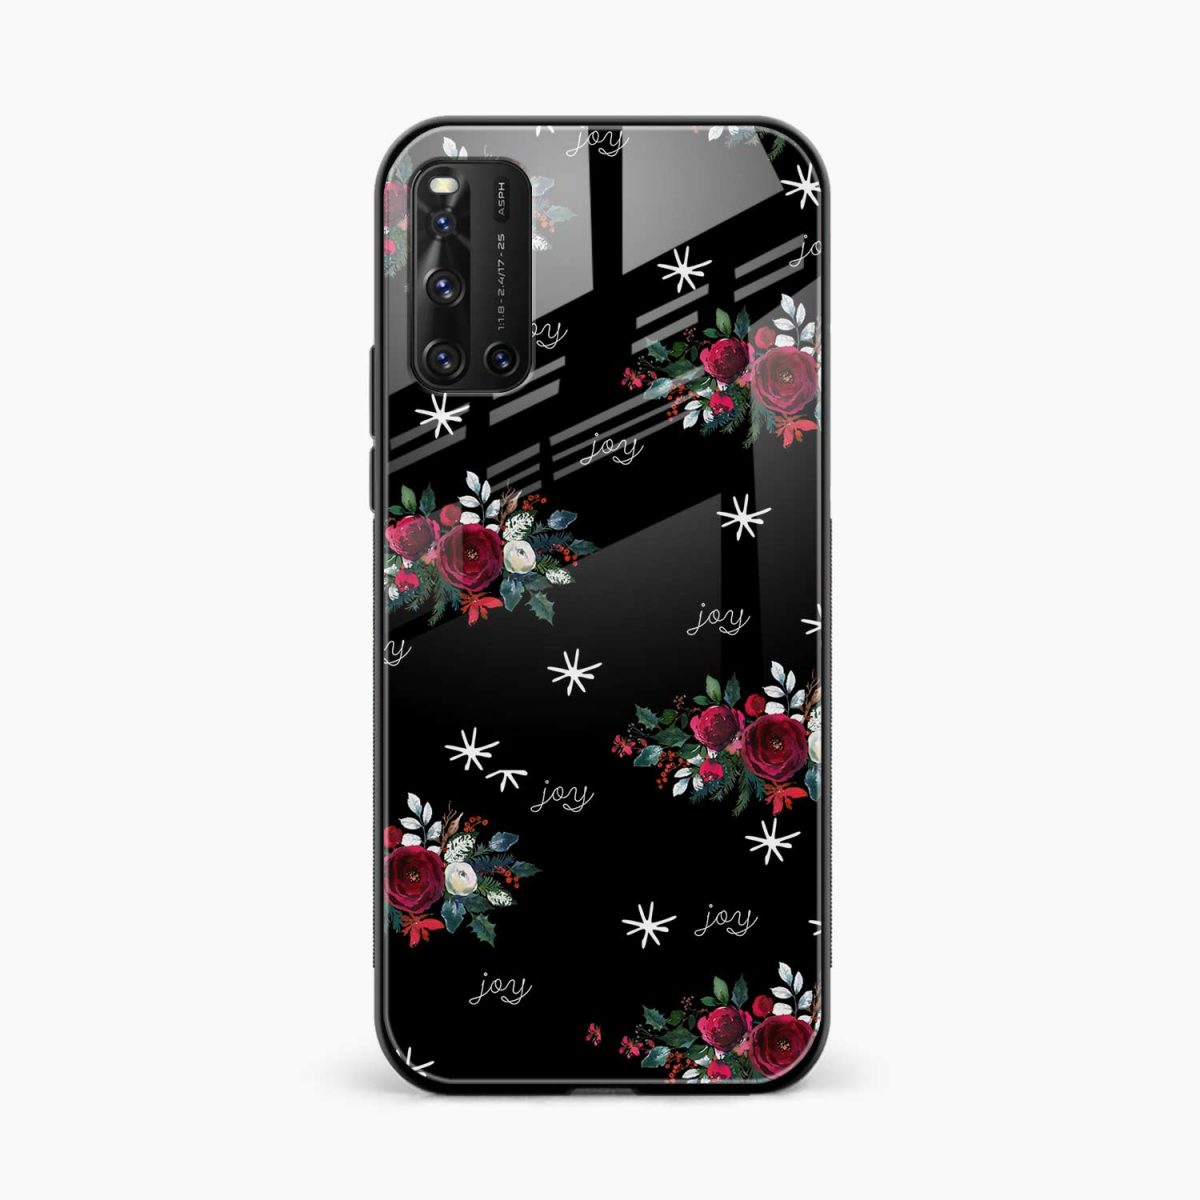 joy floral black colored front view vivo v19 back cover